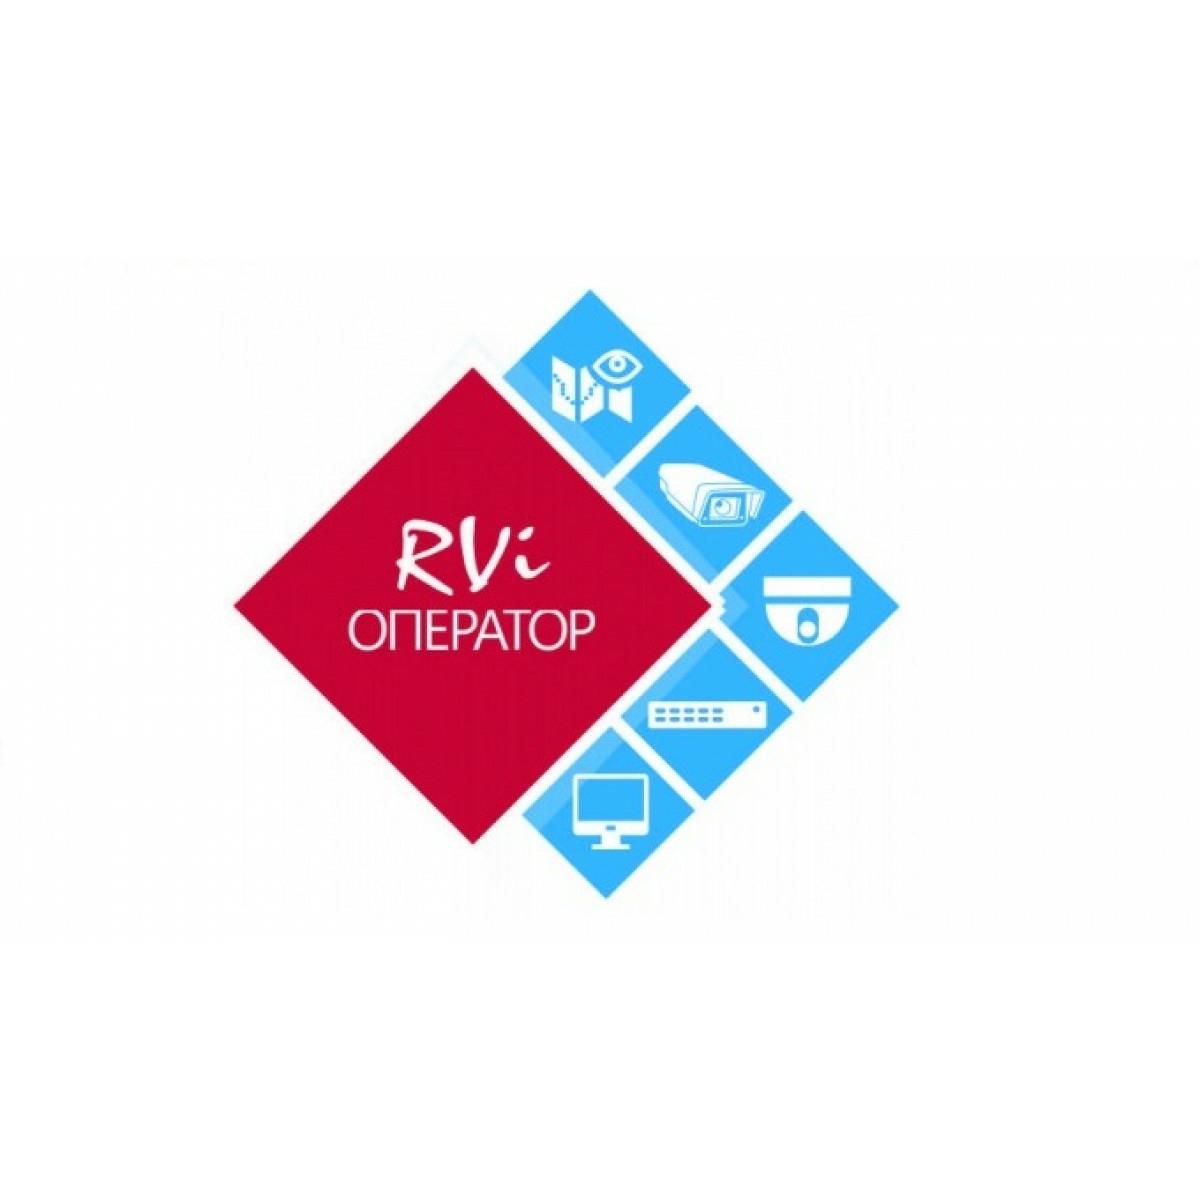 ПО RVi RVi Коммерческая лицензия Оператор NVR/HNVR